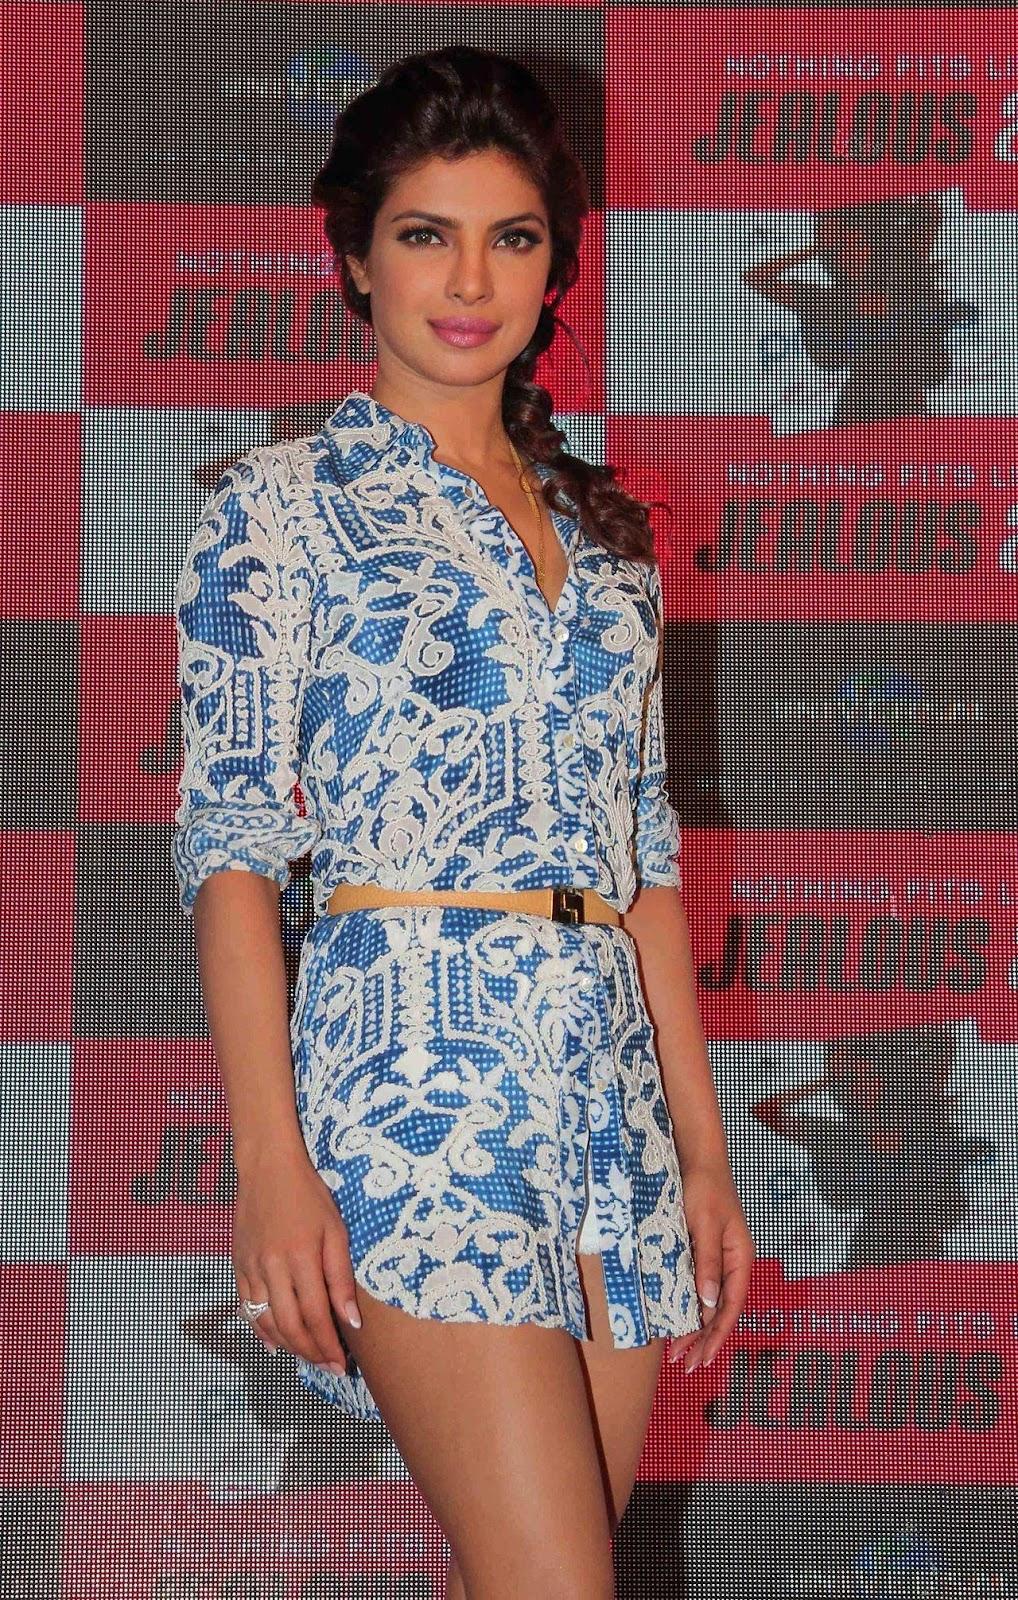 Alia Bhatt awards and events